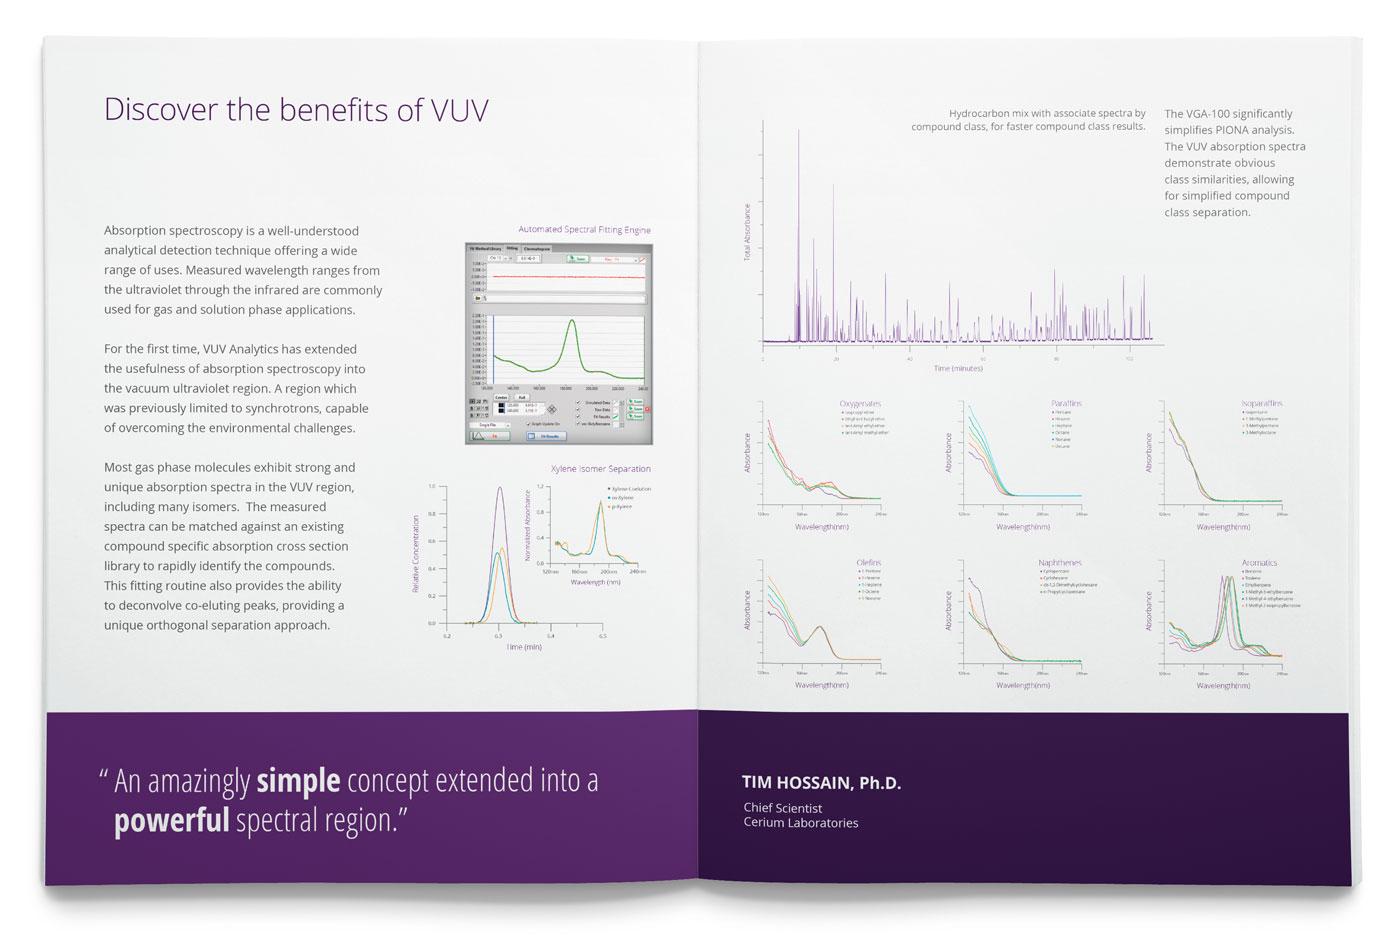 vuv spread 4